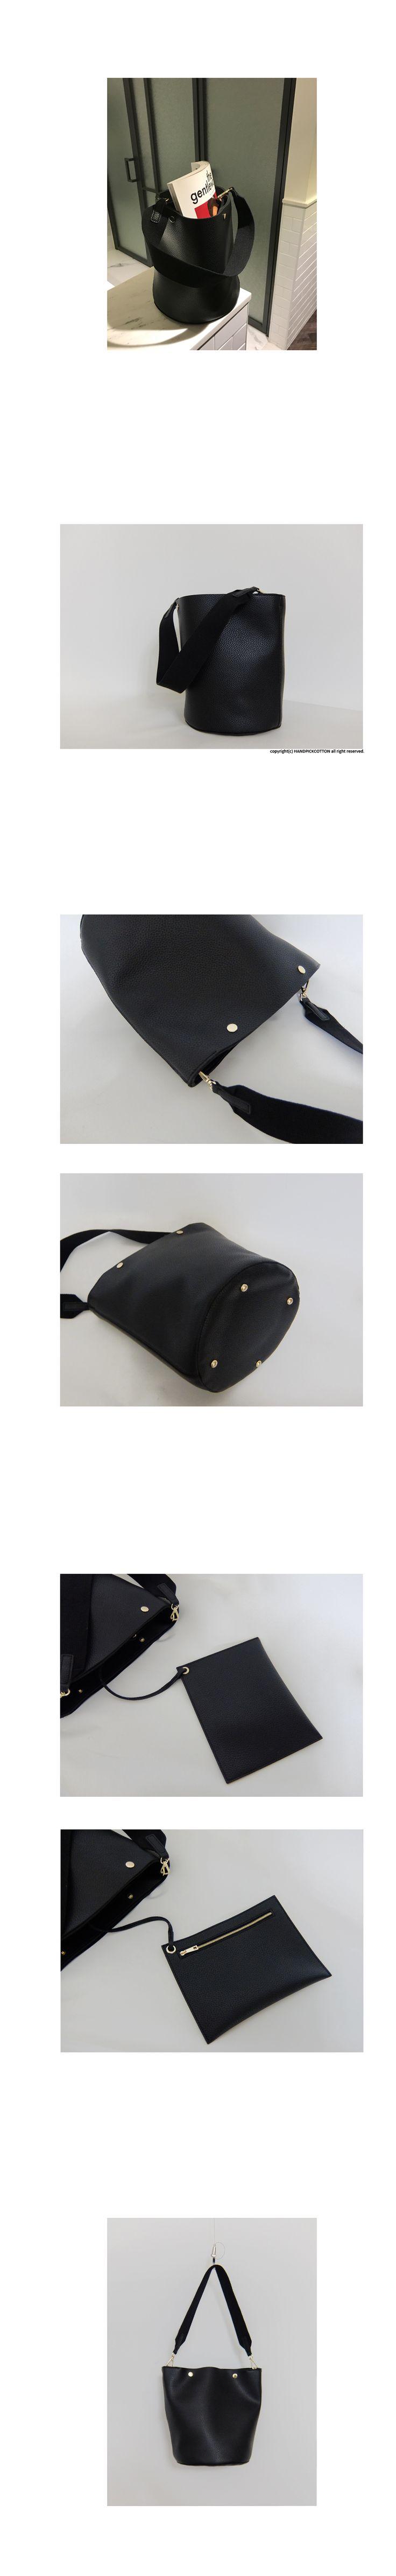 리얼 소가죽과 흡사한 터치감의 strap shoulder bag 입니다. 탈부착 가능한 미니 파우치가 있어 작은 소지품은 따로 보관하기 좋으며 입구 스냅버튼이 수납력을 높여줍니다. 너무 크지않은 적당한 사이즈로 미니멀한 디자인이 매력적인 제품입니다.